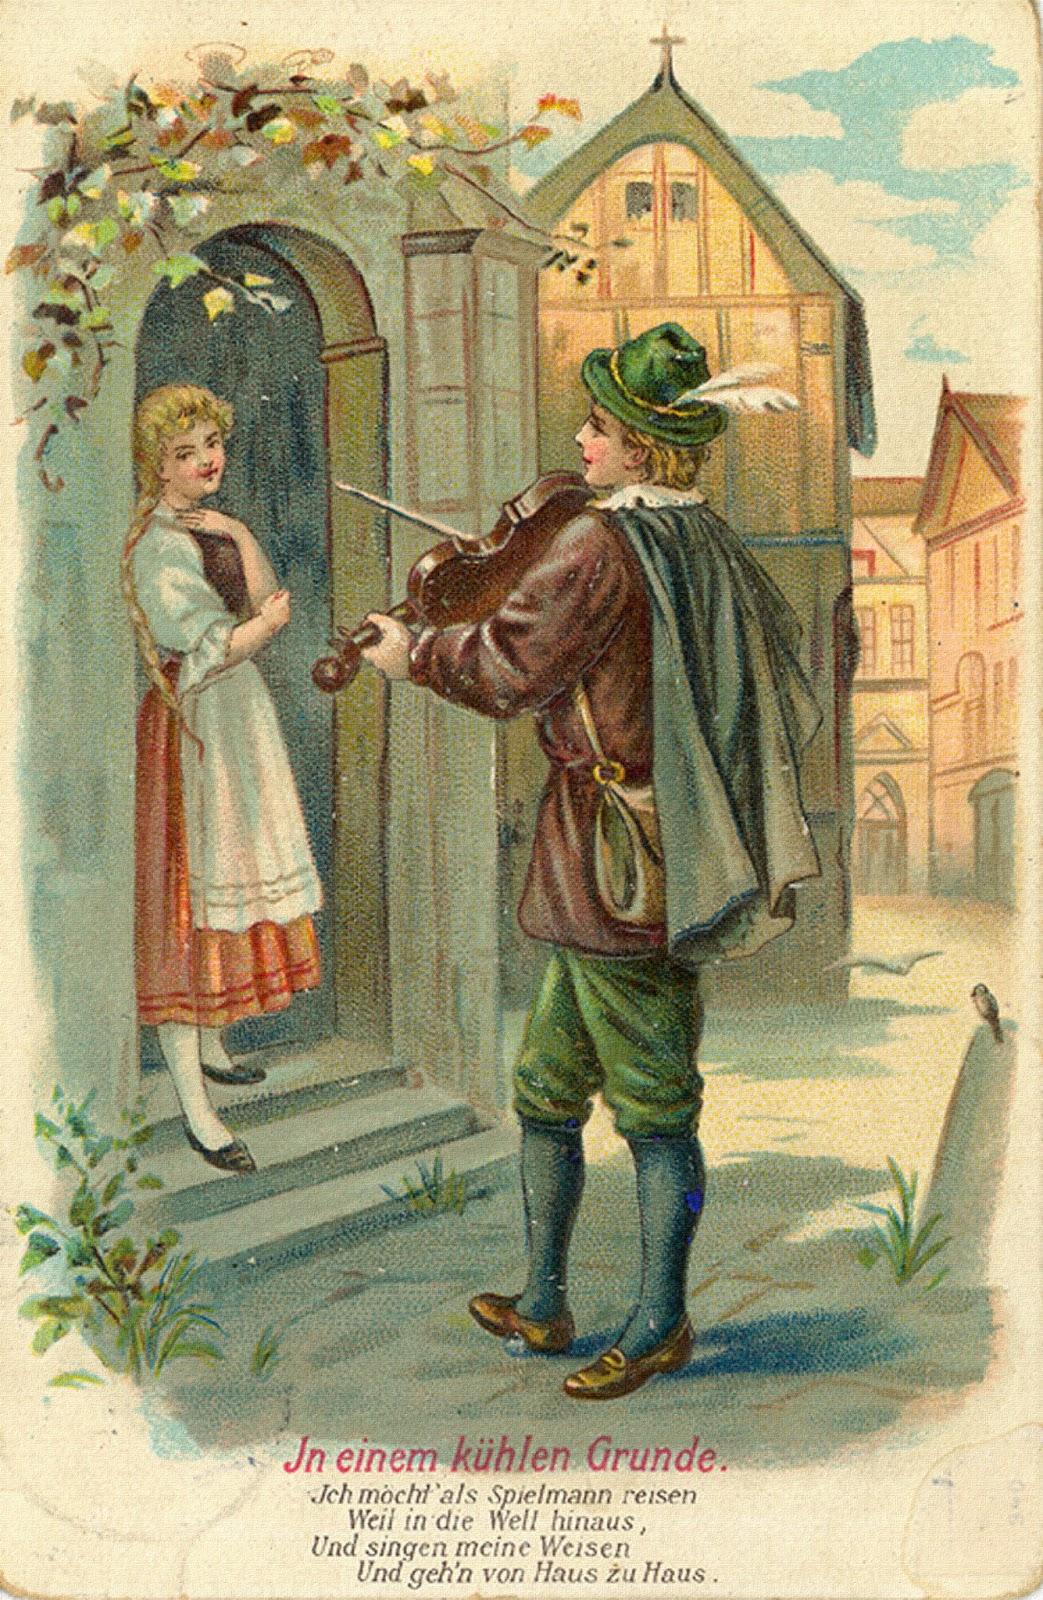 Любовь и флирт на старинных открытках